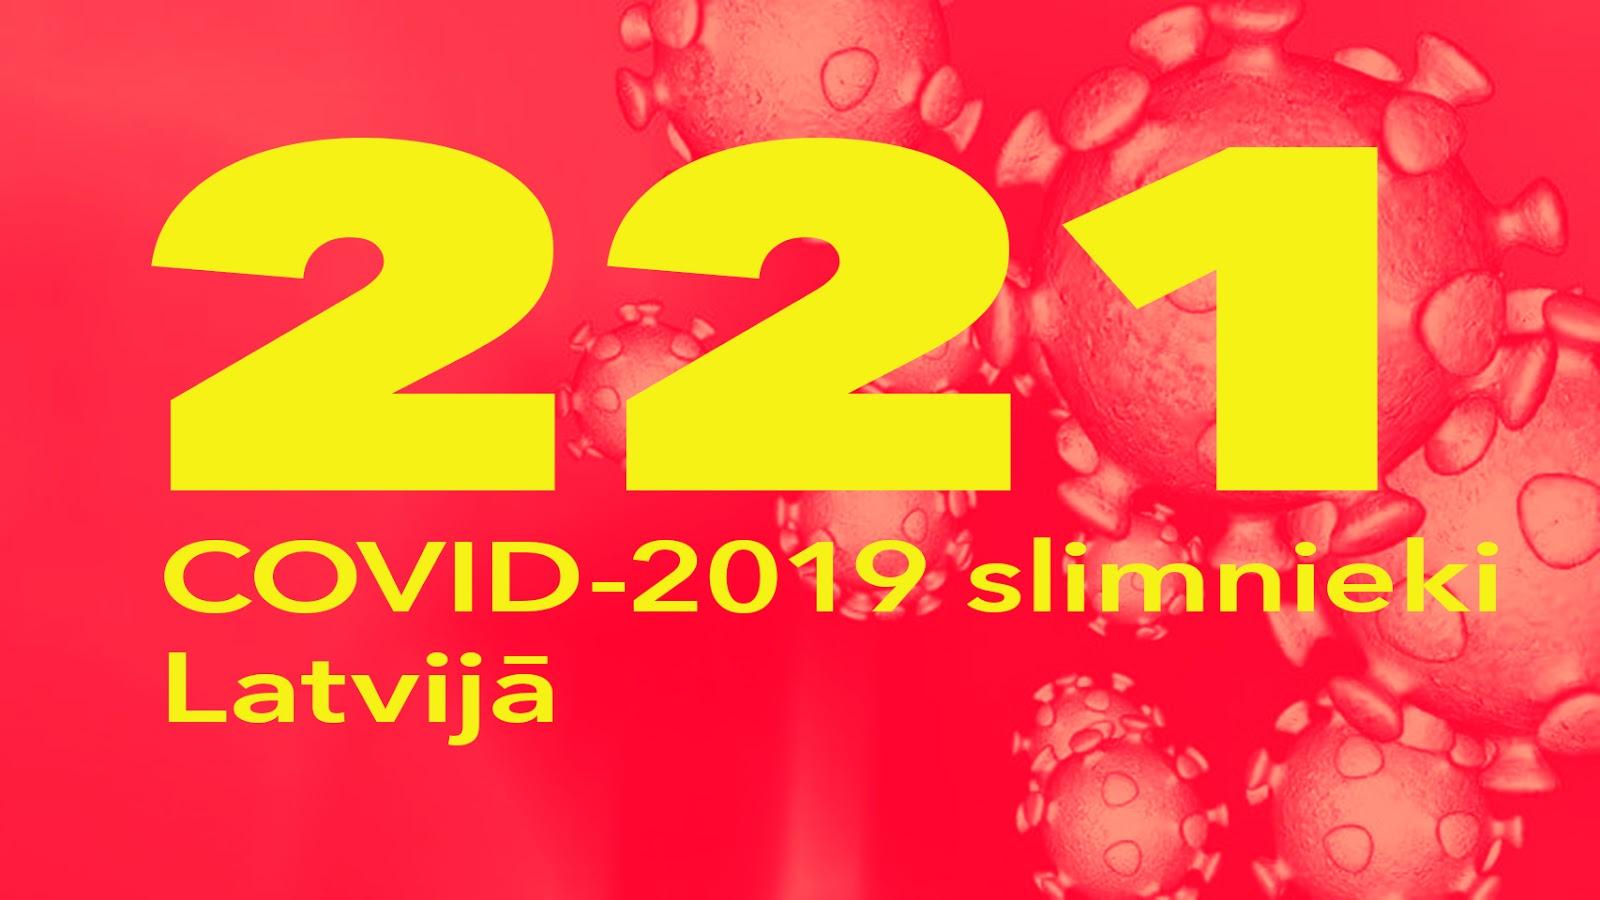 Koronavīrusa saslimušo skaits Latvijā 25.03.2020.